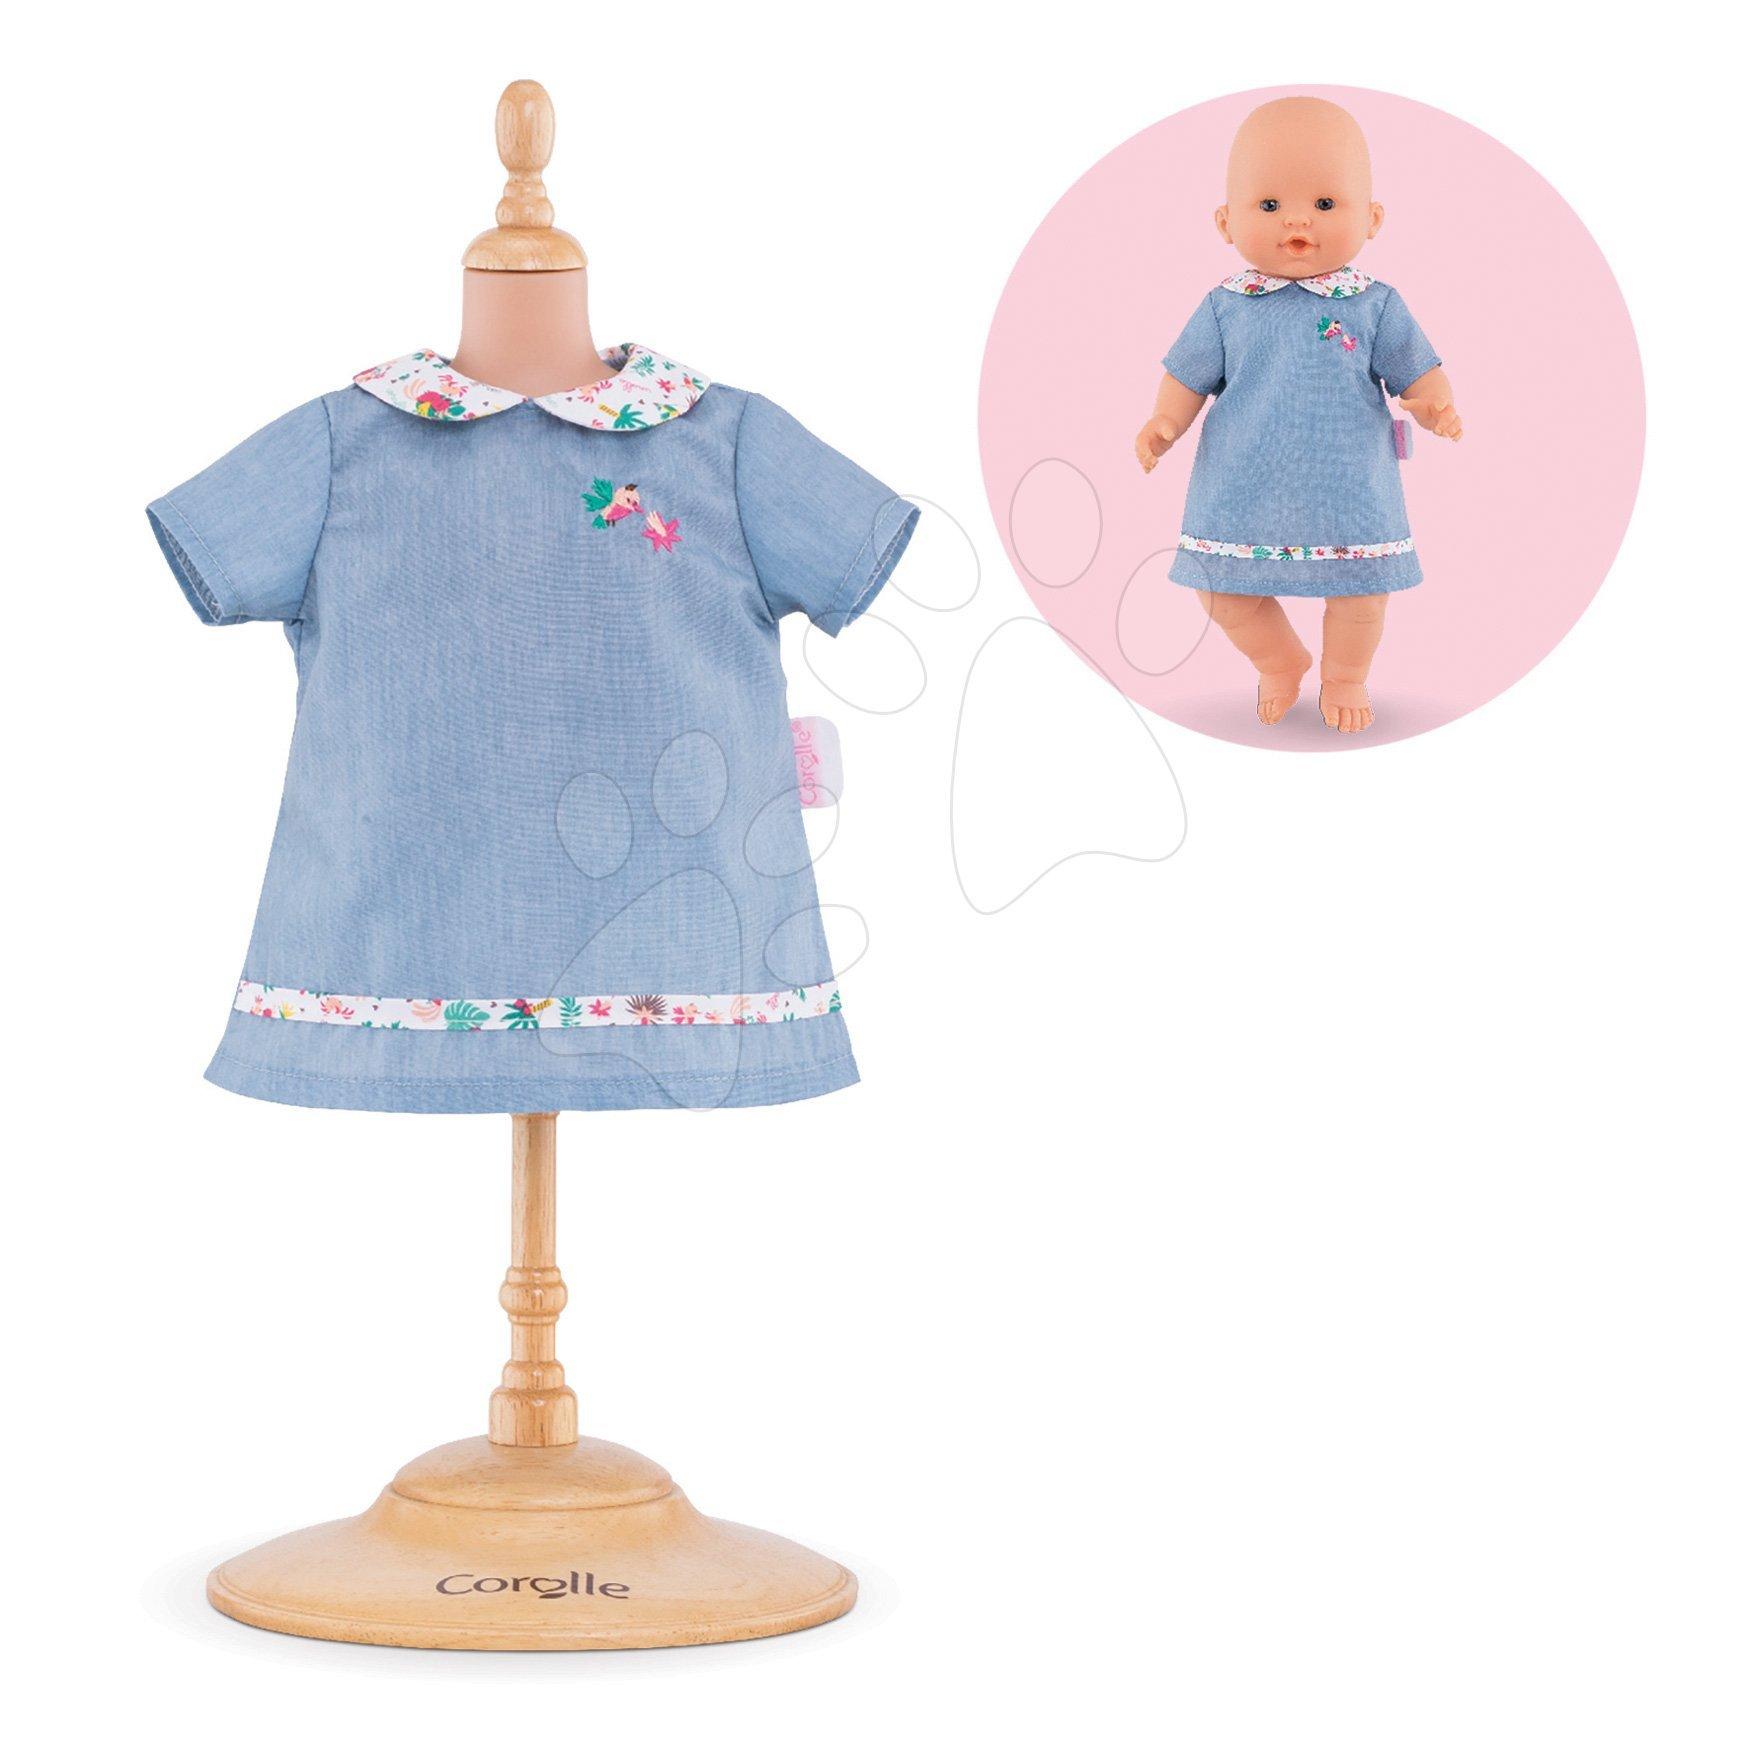 Oblečenie Dress TropiCorolle Mon Grand Poupon Corolle pre 36 cm bábiku od 24 mes